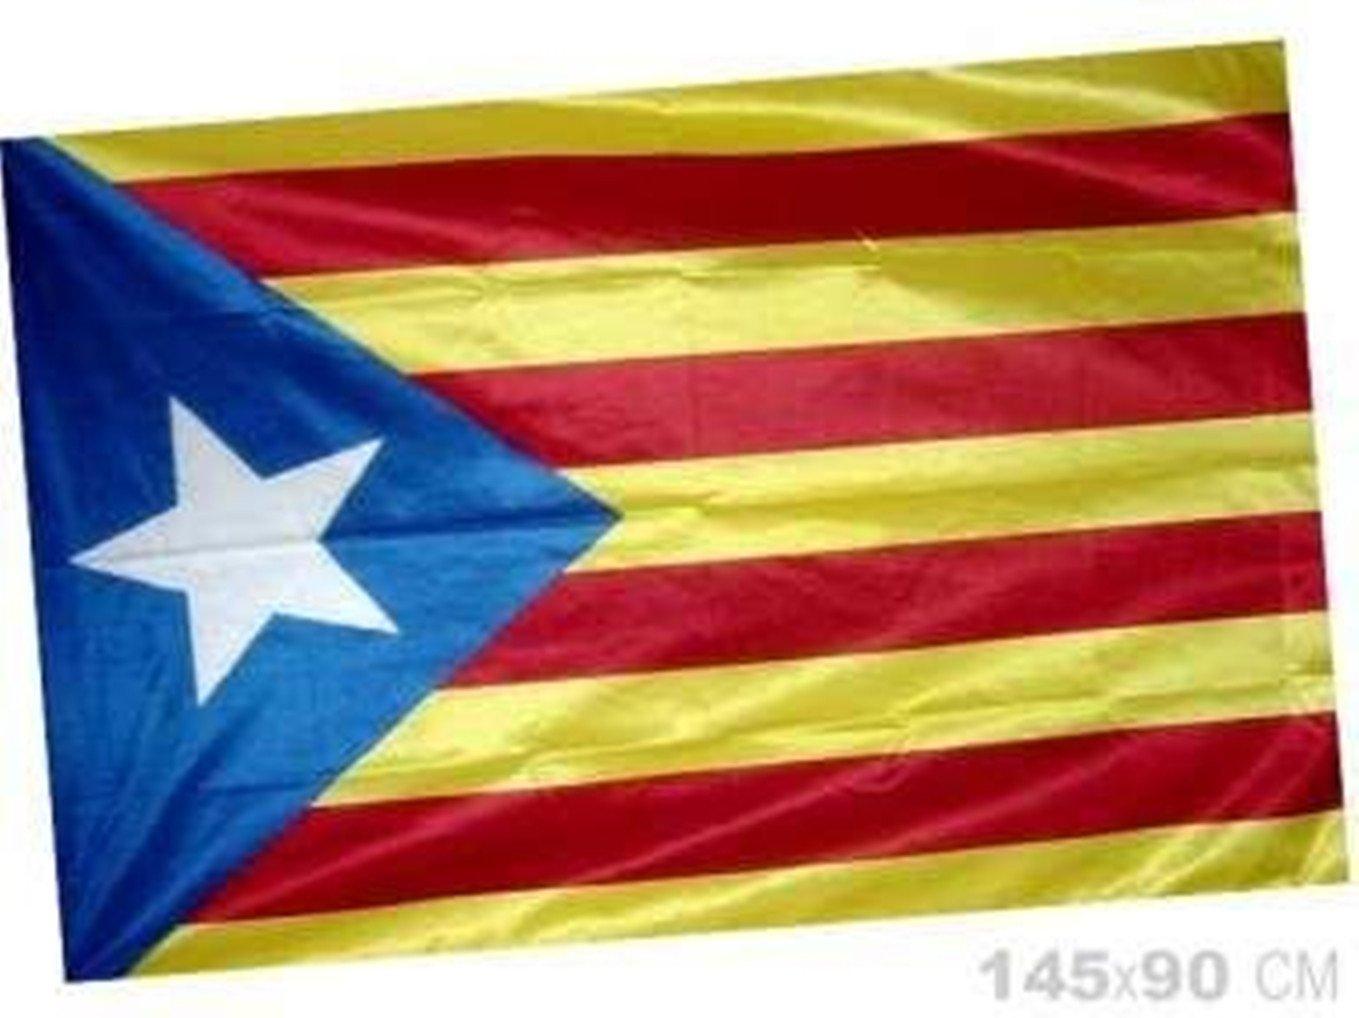 Estelada catalana bandera catalunya cataluña independentista. 90 *145 Cm.: Amazon.es: Jardín